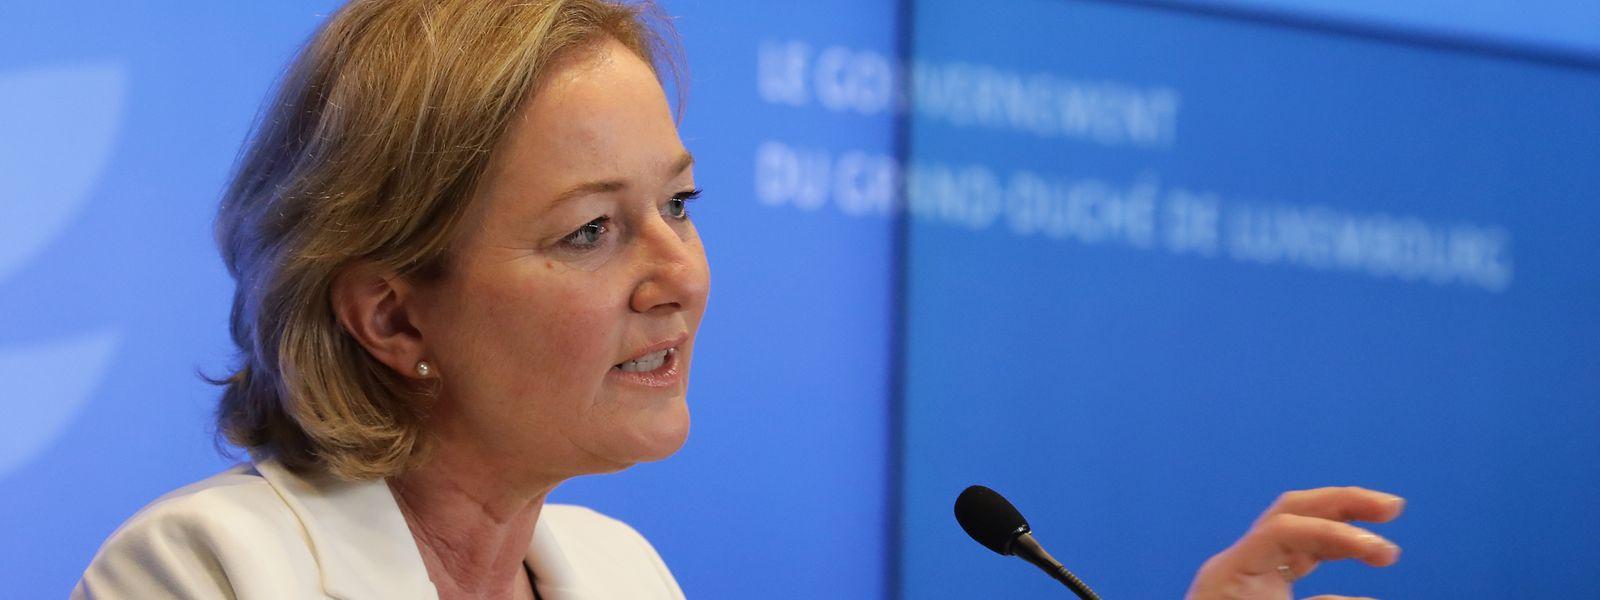 Gesundheitsministerin Paulette Lenert bleibt vorsichtig.